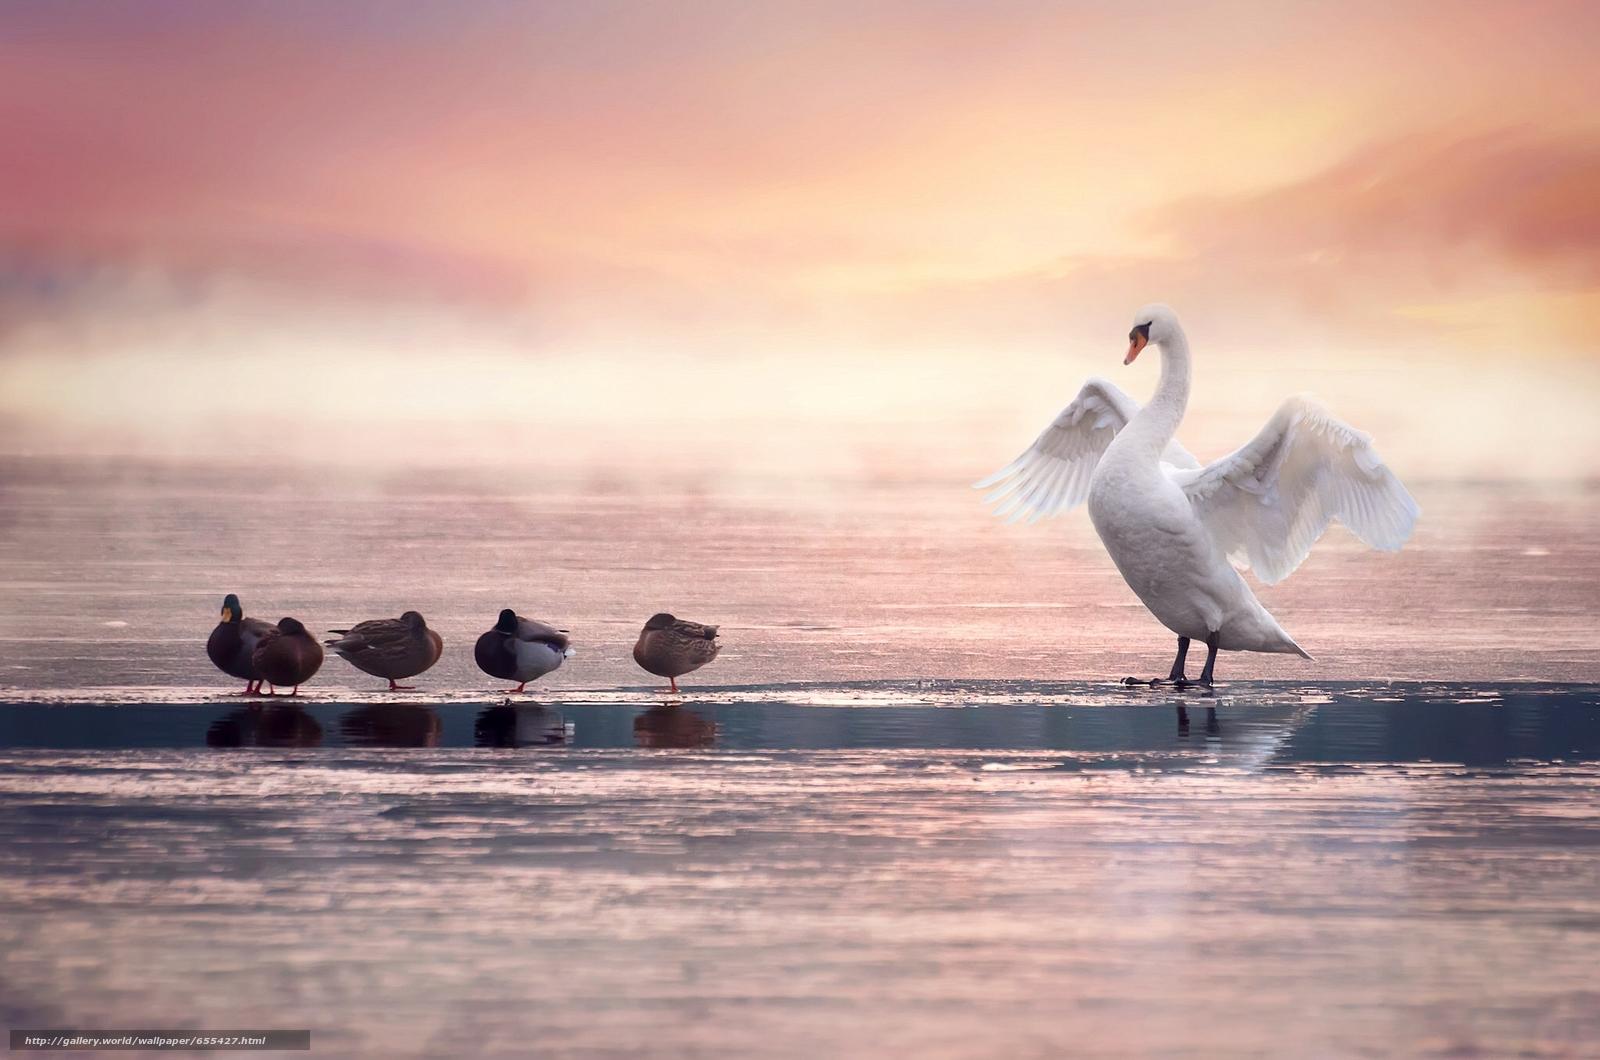 Download Hintergrund Schwan,  Ente,  Vögel Freie desktop Tapeten in der Auflosung 2048x1357 — bild №655427